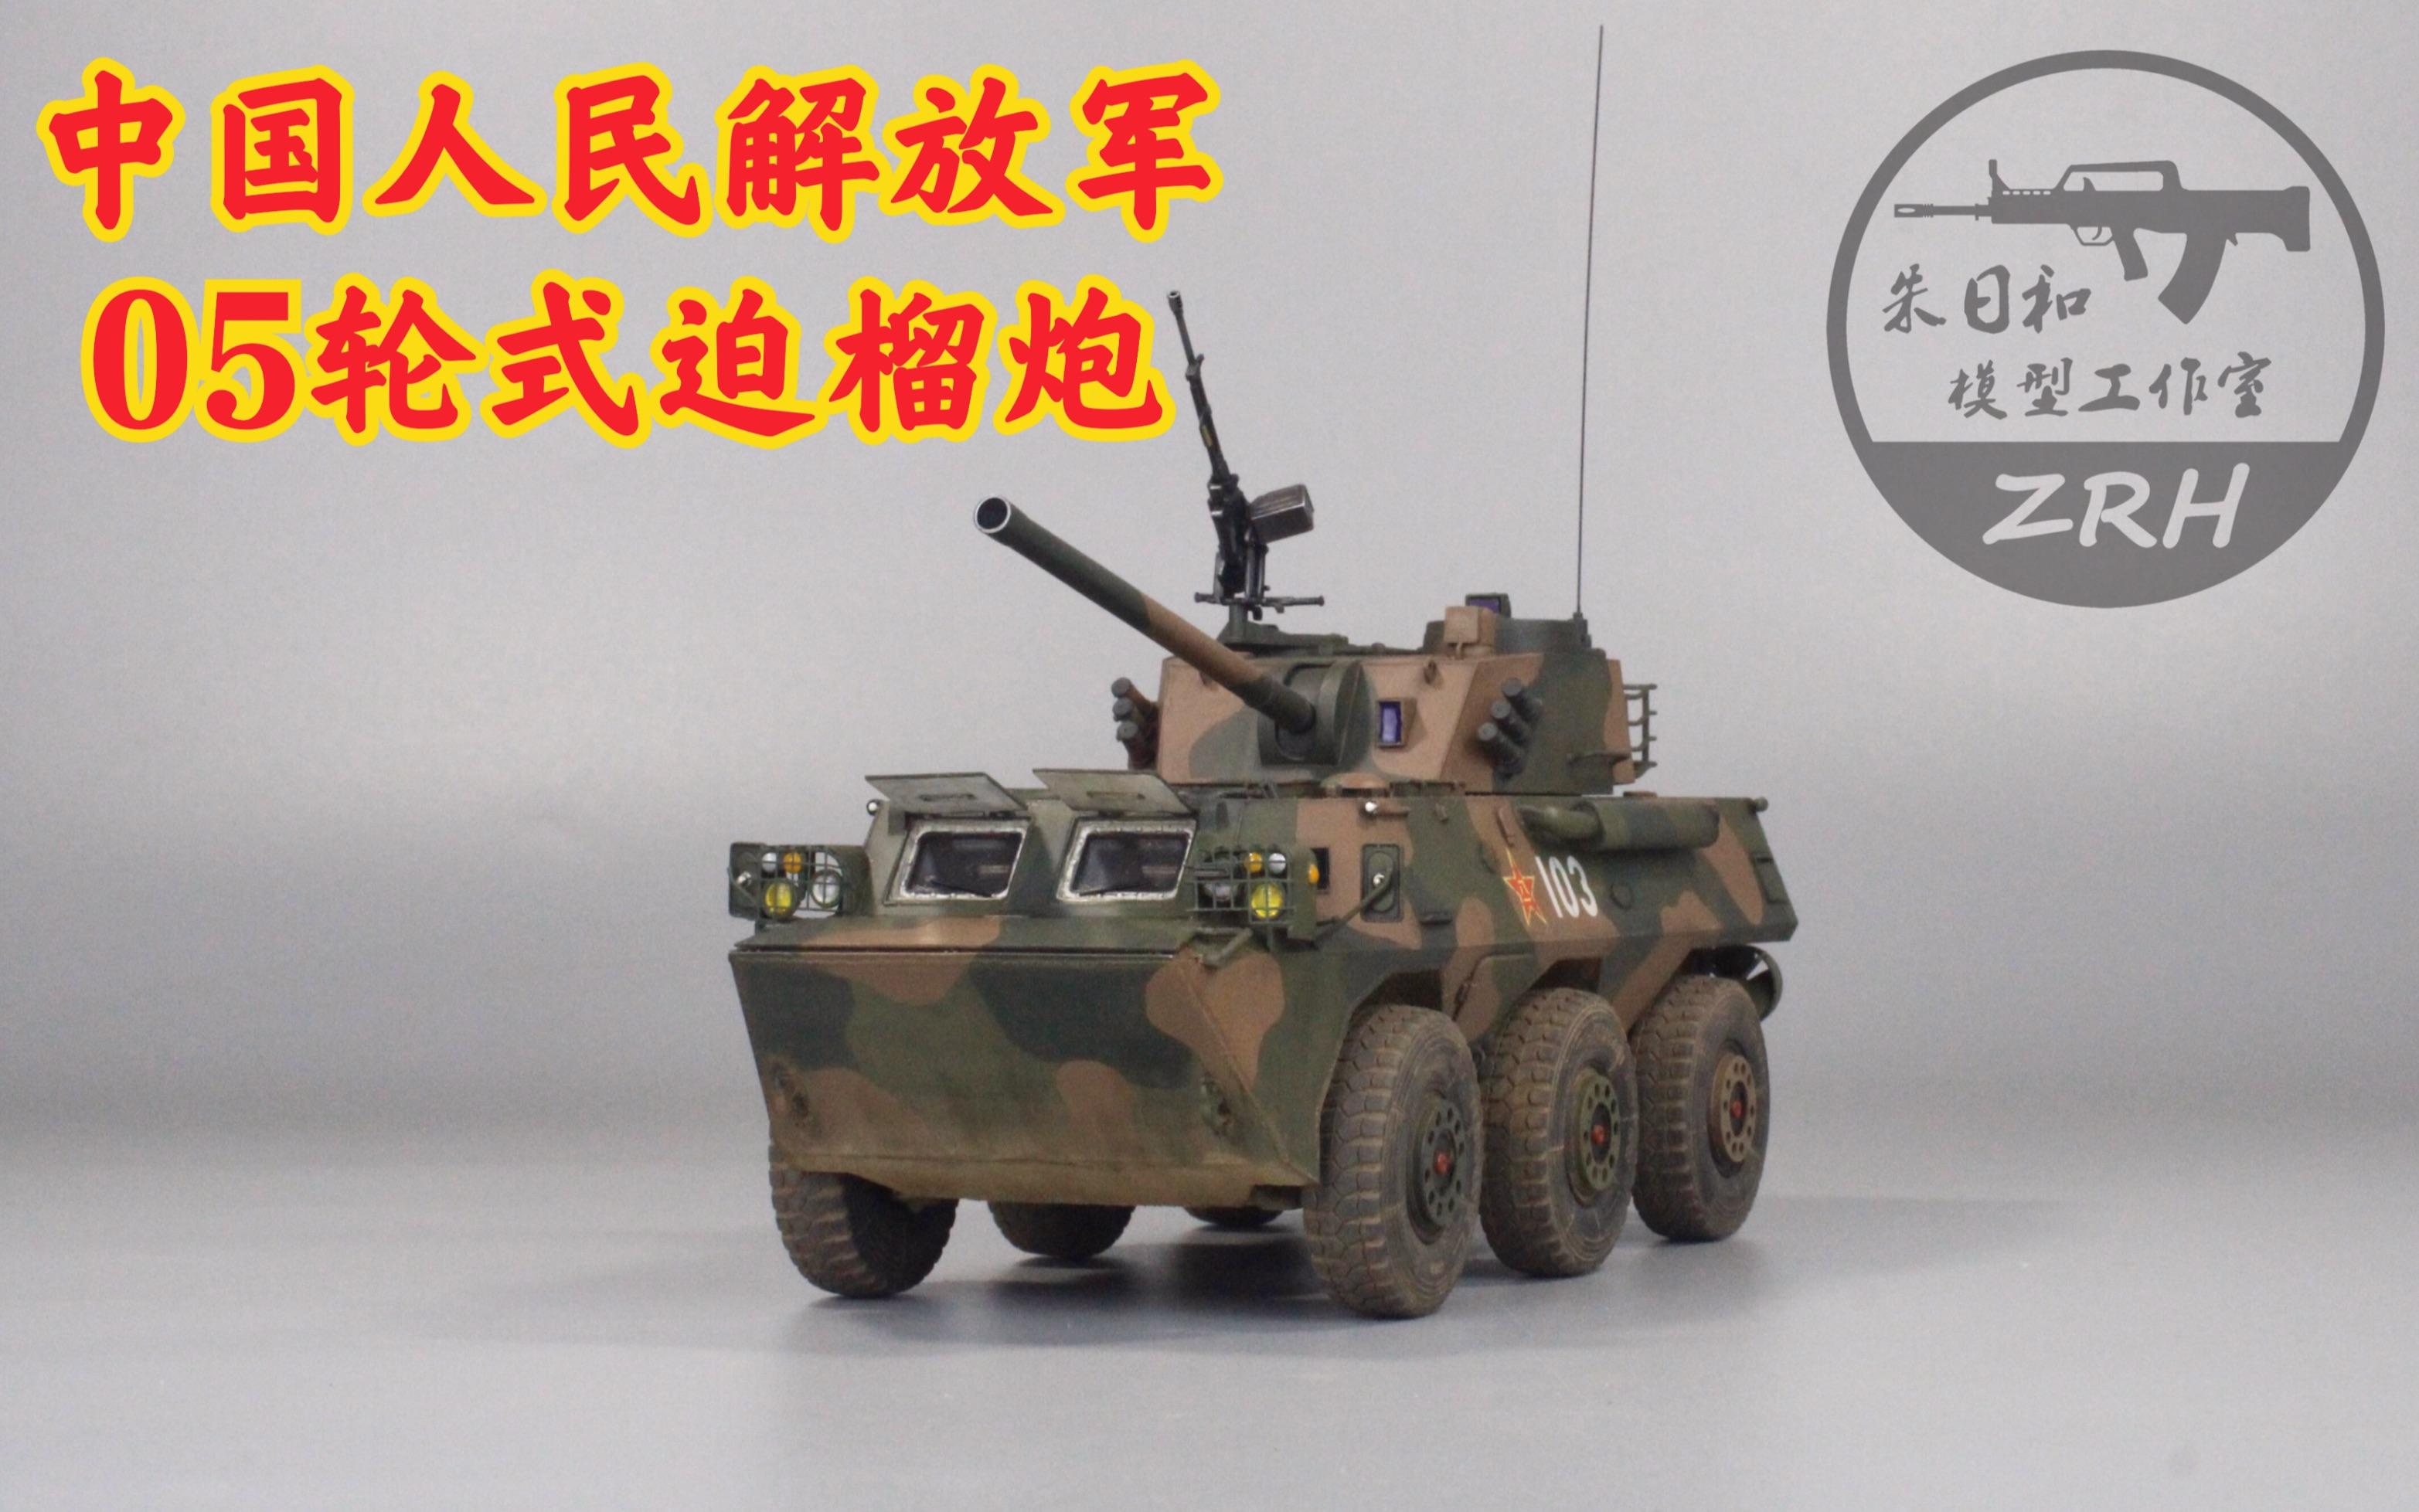 【模型制作教程】解放军05式120自行迫榴炮〖中国崛起 第2期〗